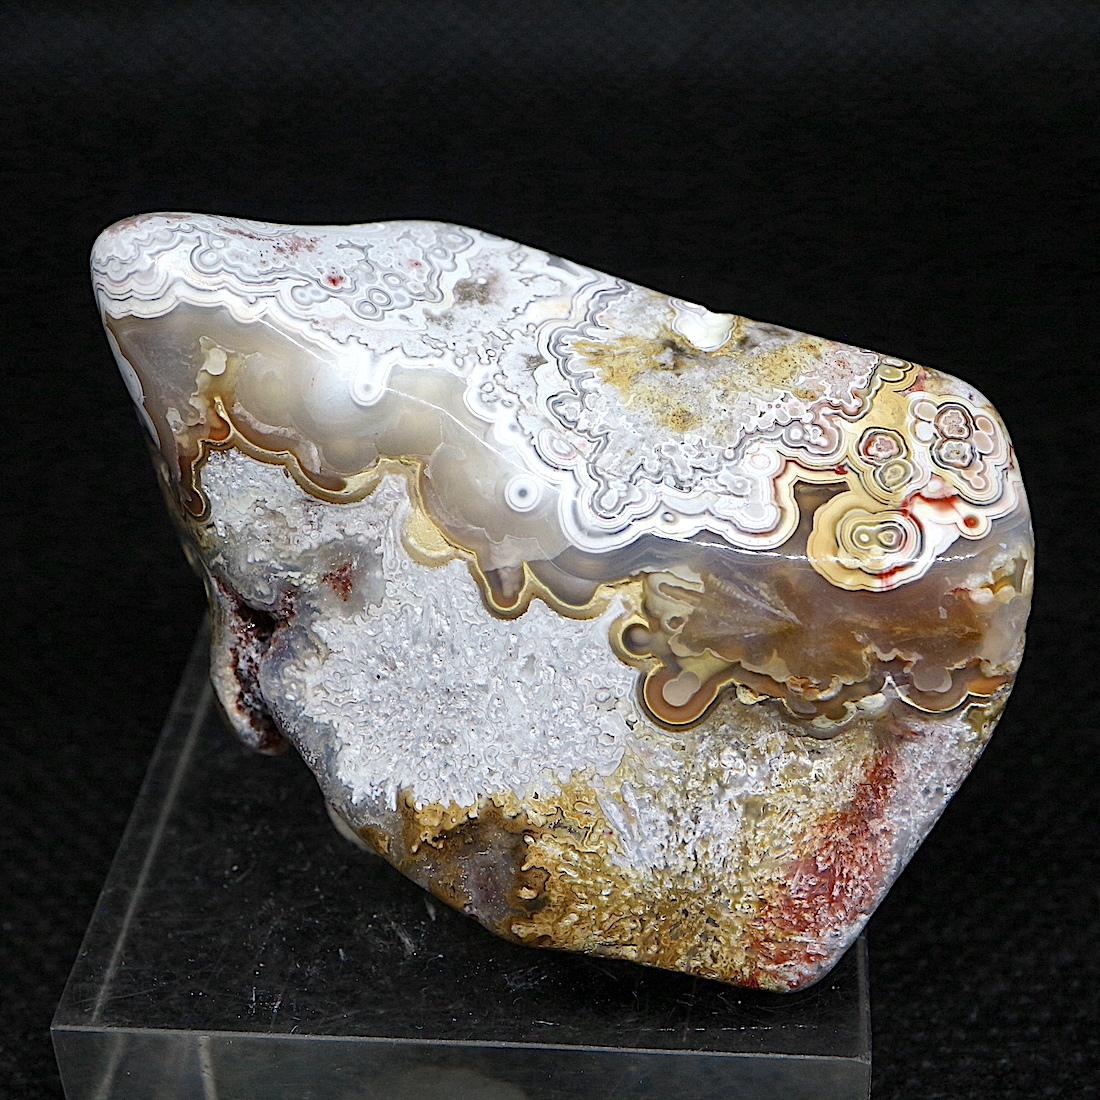 メキシコ クレイジーレース アゲート 46,7g AG137  鉱物 原石 天然石 パワーストーン